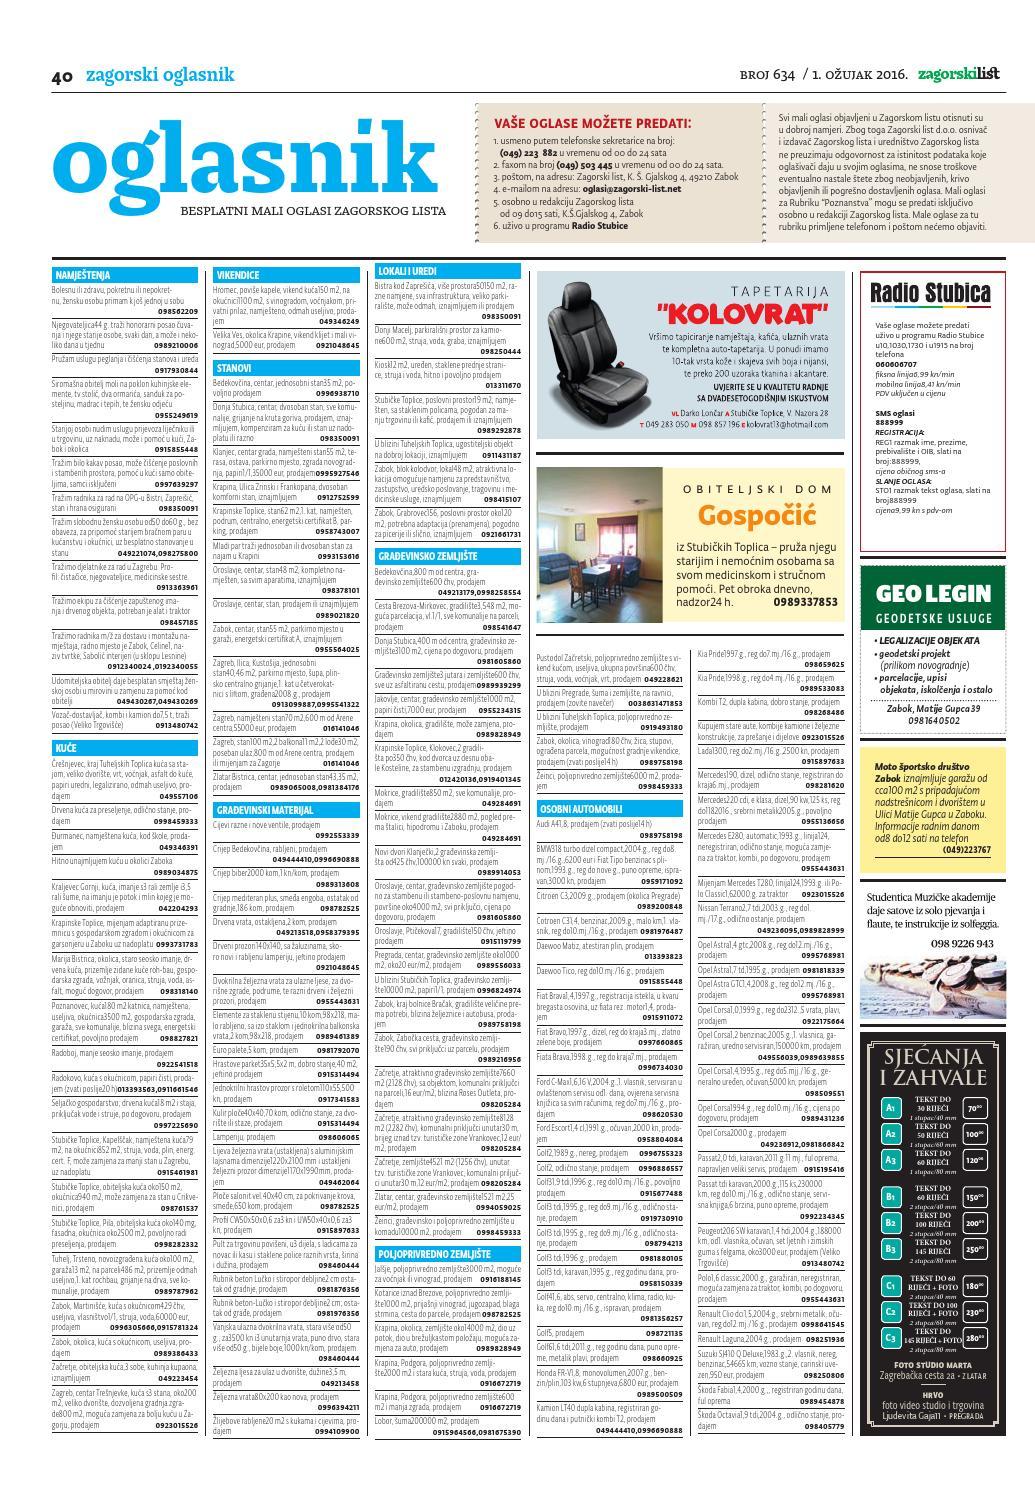 Besplatni plavi oglasnik broj telefona